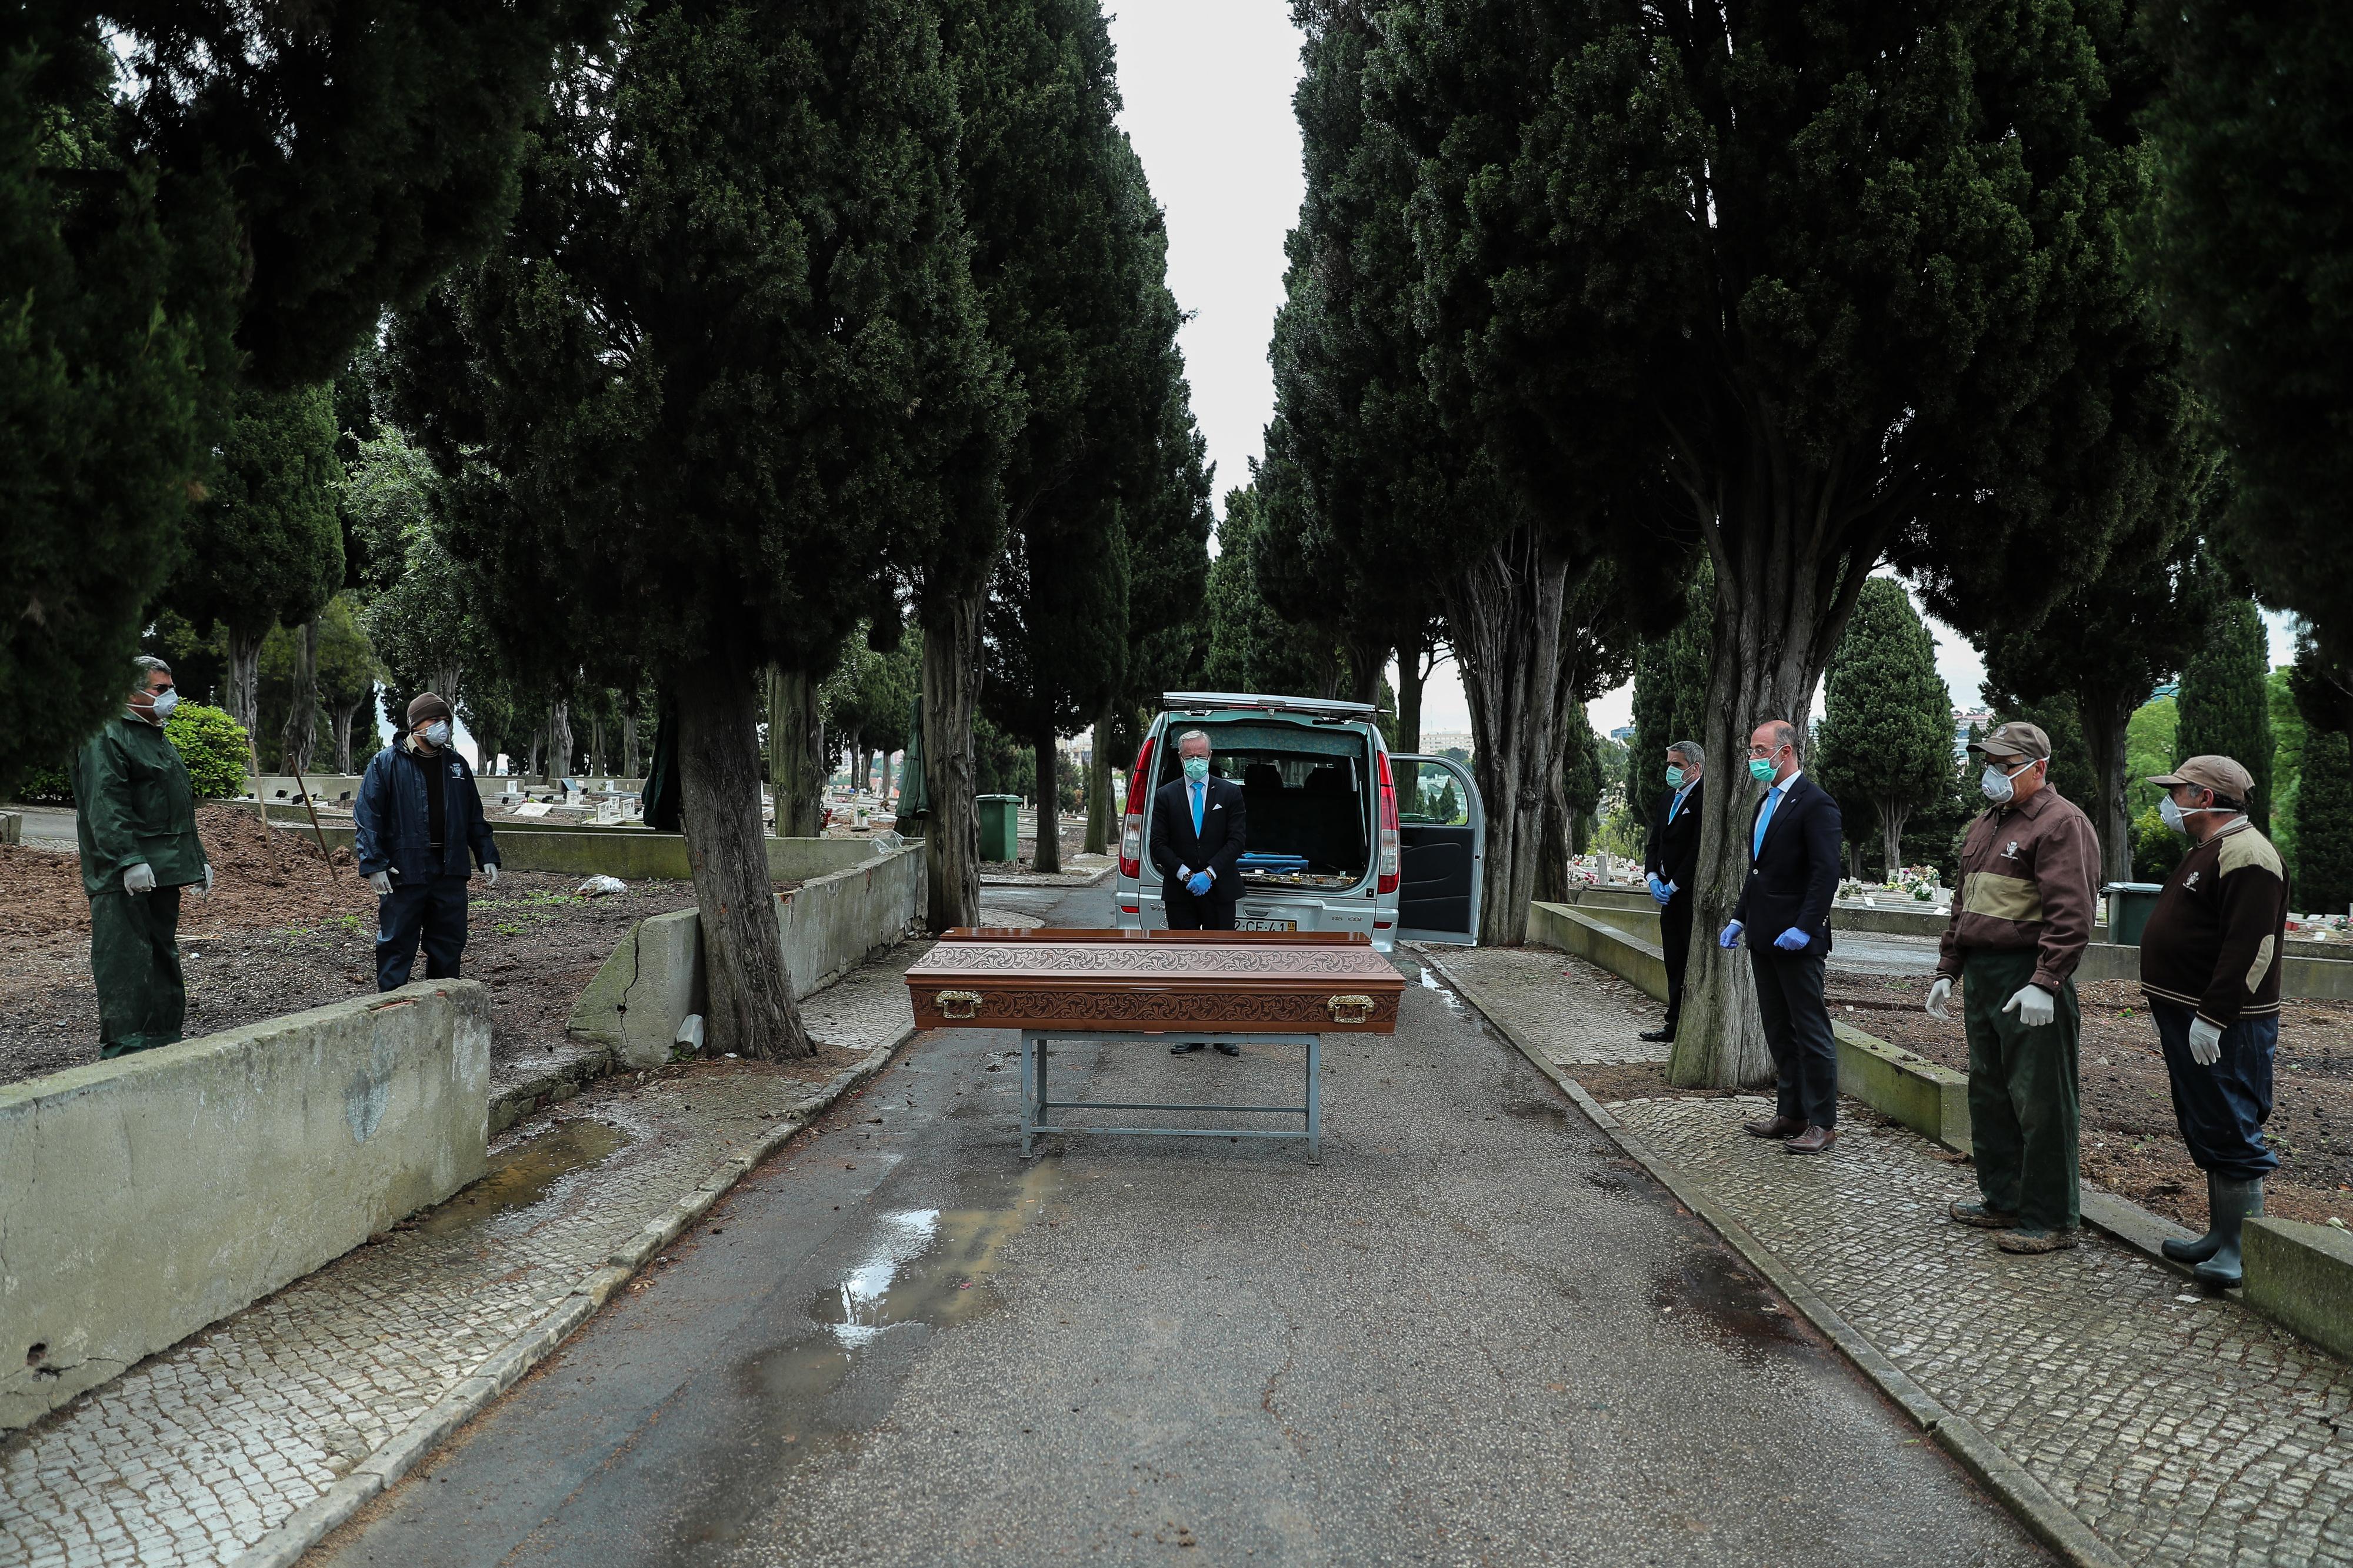 Nos cemitérios vivem-se dias de solidão indigente